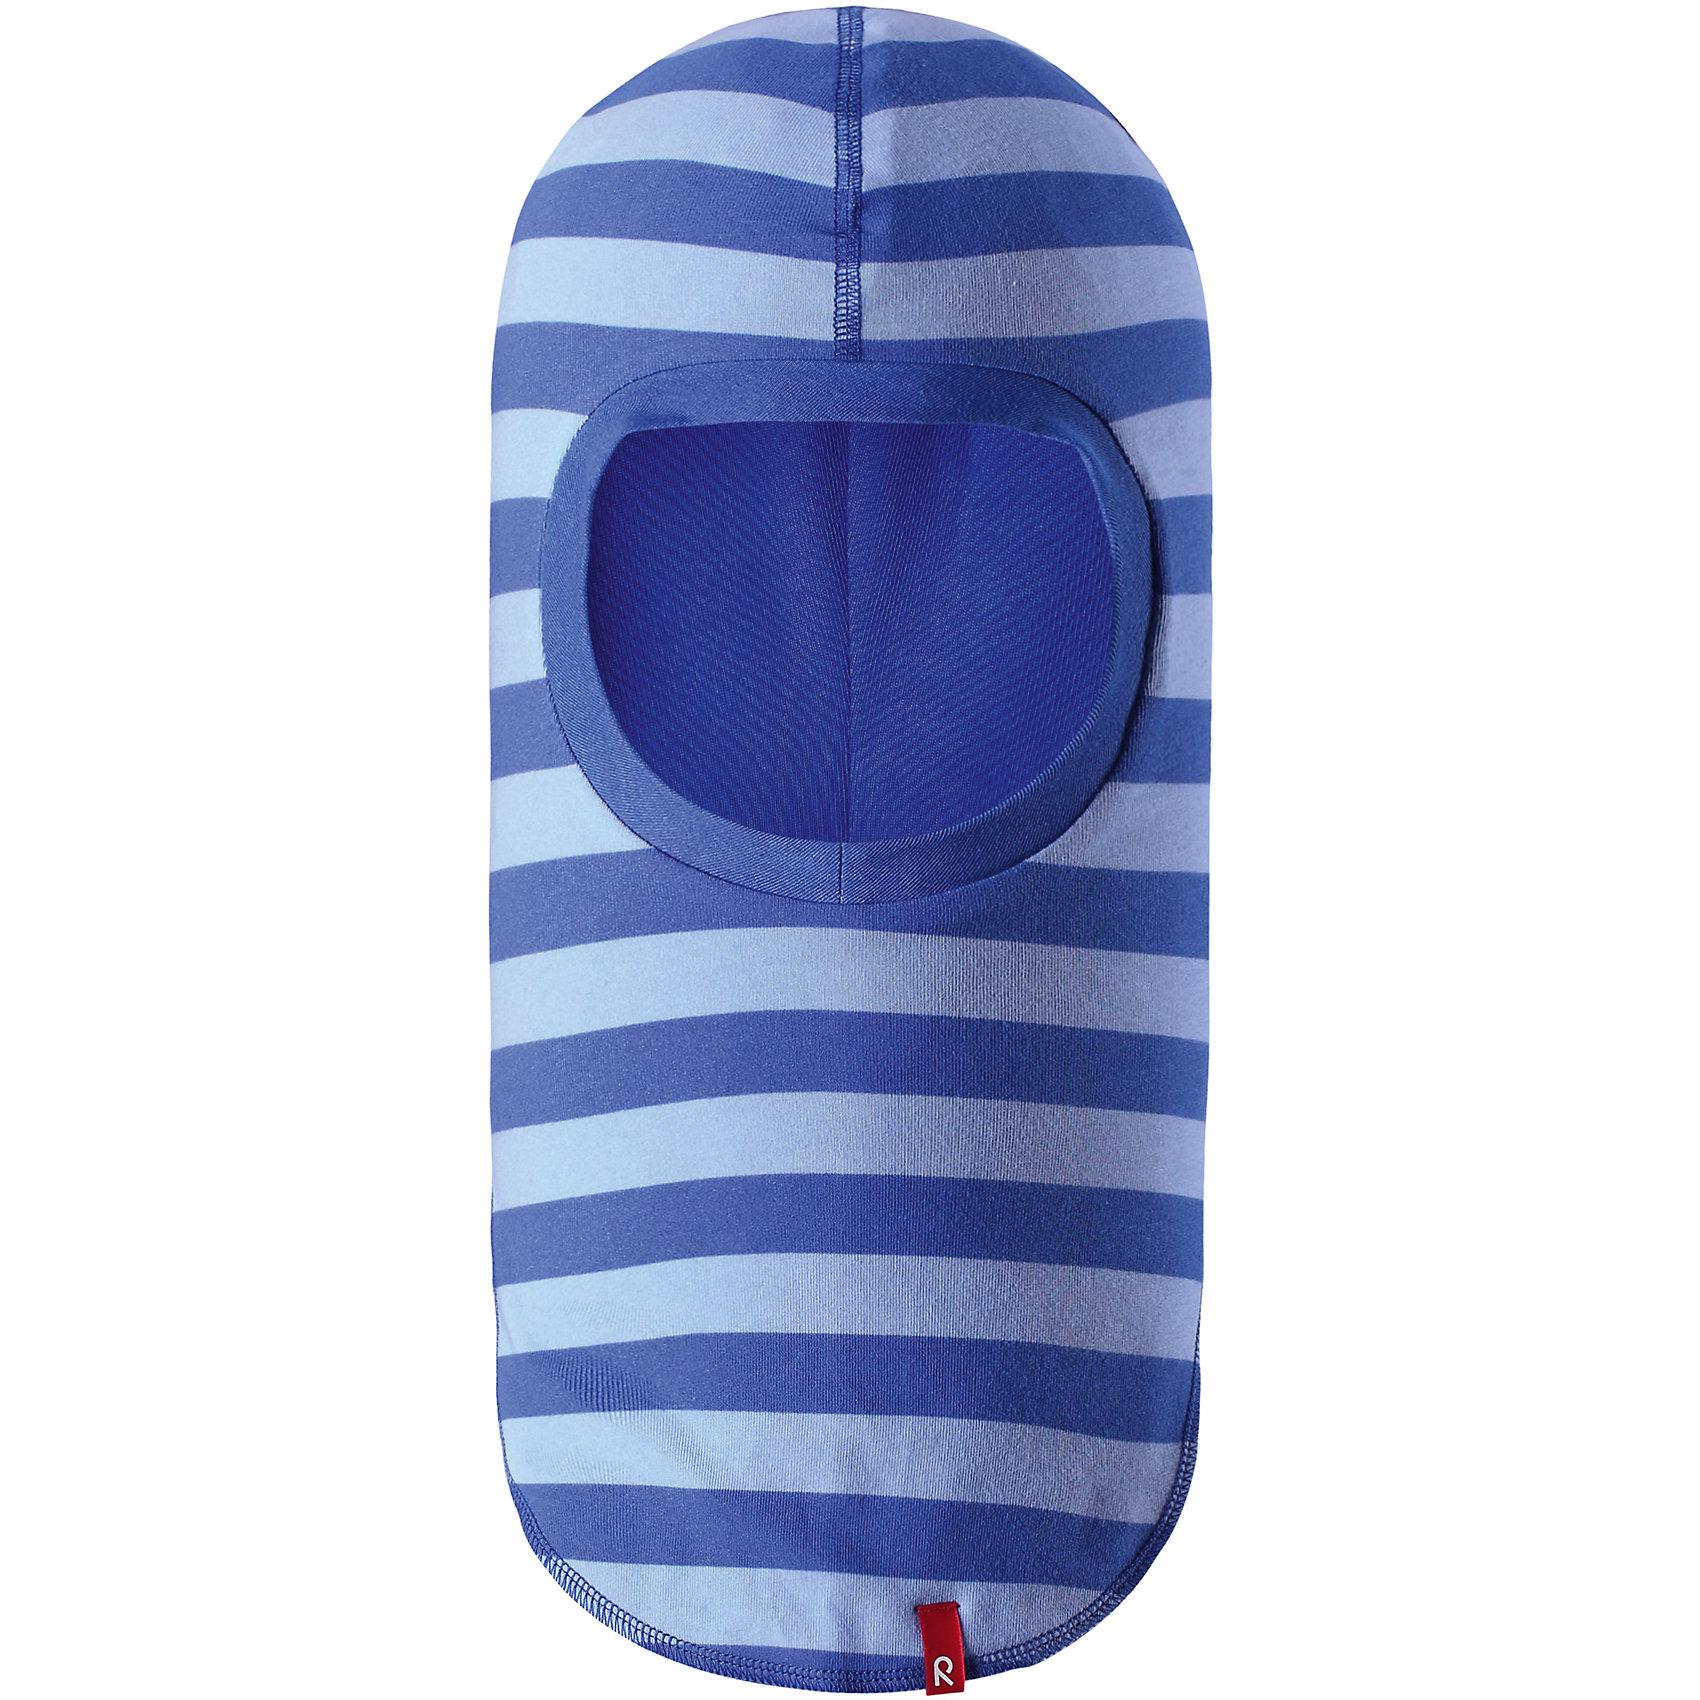 Шапка-шлем Kuunari для мальчика ReimaШапки и шарфы<br>Характеристики товара:<br><br>• цвет: голубой<br>• состав: 65% хлопок, 30% полиэстер, 5% эластан<br>• сплошная подкладка: влаговыводящий трикотаж Play Jersey<br>• температурный режим: от -5С до +10С<br>• двухсторонняя модель<br>• эластичный материал<br>• быстросохнущий, очень приятный на ощупь материал Play Jersey<br>• приятная на ощупь хлопковая поверхность<br>• влагоотводящая изнаночная сторона<br>• УФ-защита 40+<br>• эмблема Reima<br>• страна бренда: Финляндия<br>• страна производства: Китай<br><br>Эта модель - двусторонняя: вывернув её, получаем еще одну шапку другой расцветки! Детский головной убор может быть модным и удобным одновременно. Стильная шапка поможет обеспечить ребенку комфорт и дополнить наряд. Шапка удобно сидит и аккуратно выглядит. Проста в уходе, долго служит. Стильный дизайн разрабатывался специально для детей. Отличная защита от дождя и ветра!<br><br>Уход:<br><br>• сирать с бельем одинакового цвета, вывернув наизнанку<br>• полоскать без специального средства<br>• придать первоначальную форму вo влажном виде.<br><br>Шапку от финского бренда Reima (Рейма) можно купить в нашем интернет-магазине.<br><br>Ширина мм: 89<br>Глубина мм: 117<br>Высота мм: 44<br>Вес г: 155<br>Цвет: синий<br>Возраст от месяцев: 6<br>Возраст до месяцев: 9<br>Пол: Мужской<br>Возраст: Детский<br>Размер: 46,54,50<br>SKU: 5270980